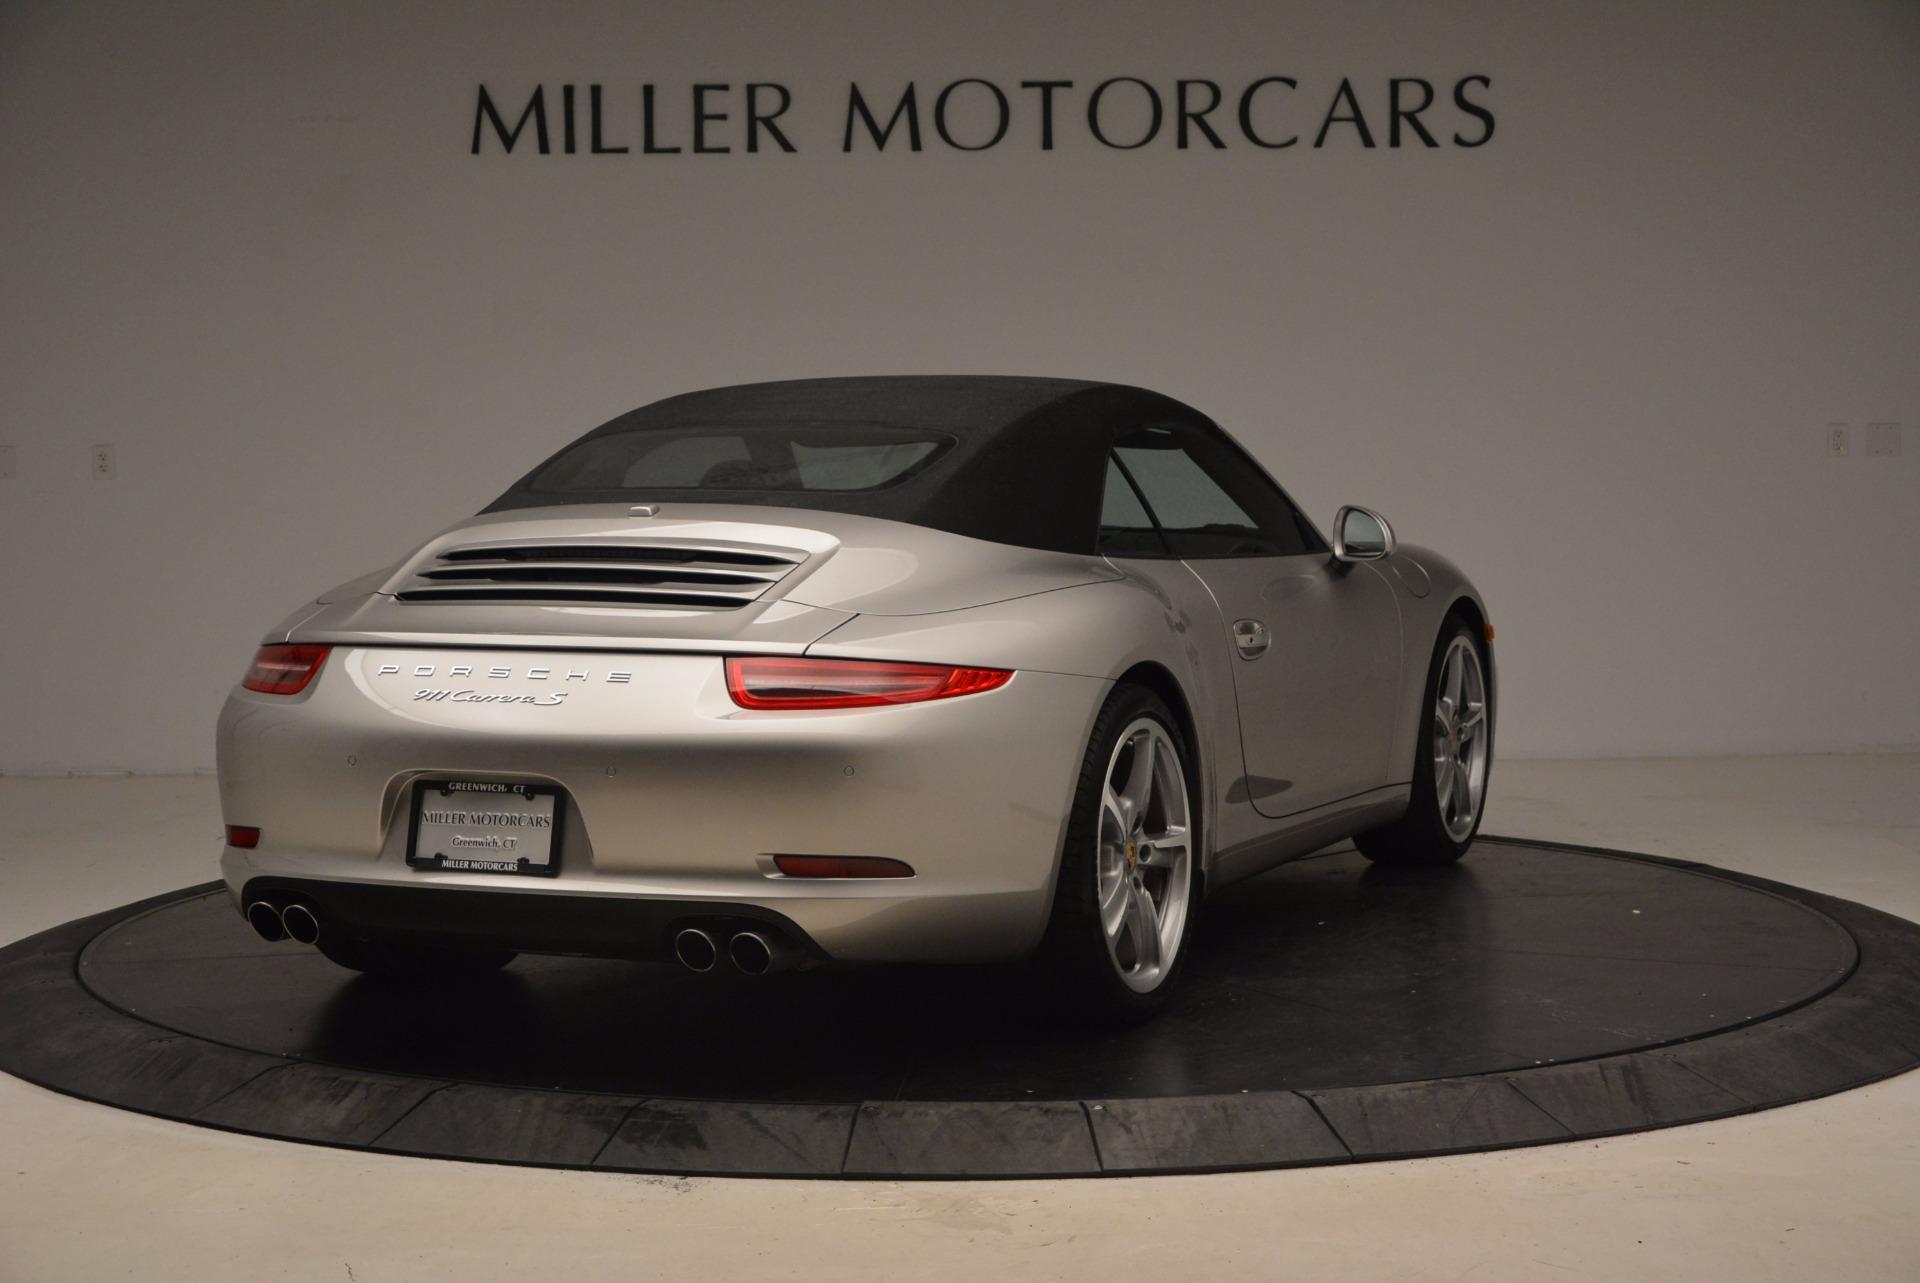 Used 2012 Porsche 911 Carrera S For Sale In Greenwich, CT 1790_p50